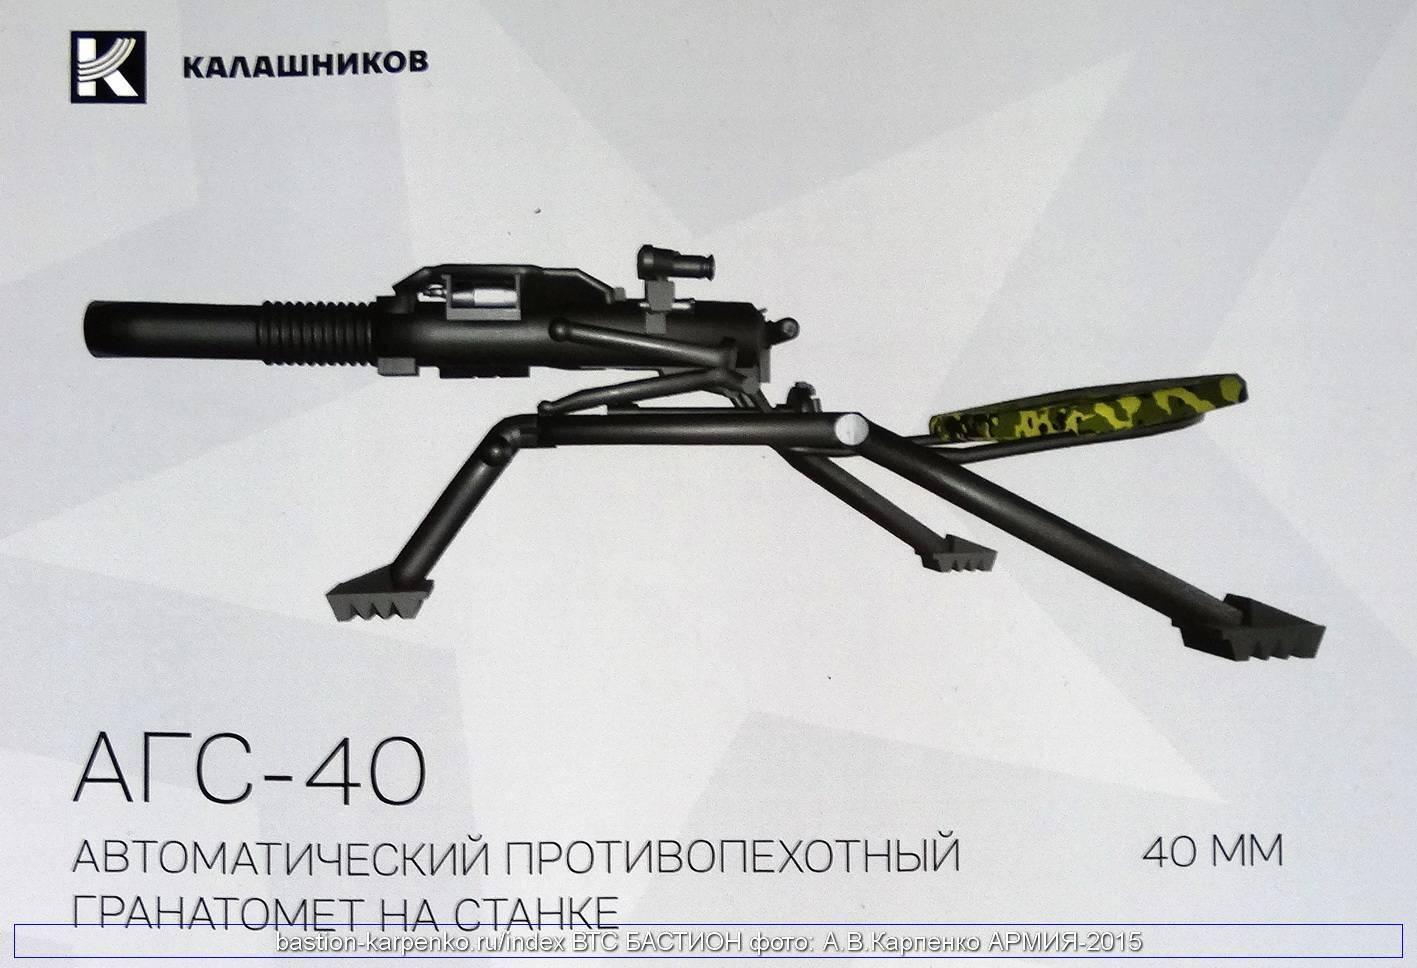 Чем опасен новый русский гранатомет агс-40 «балкан»